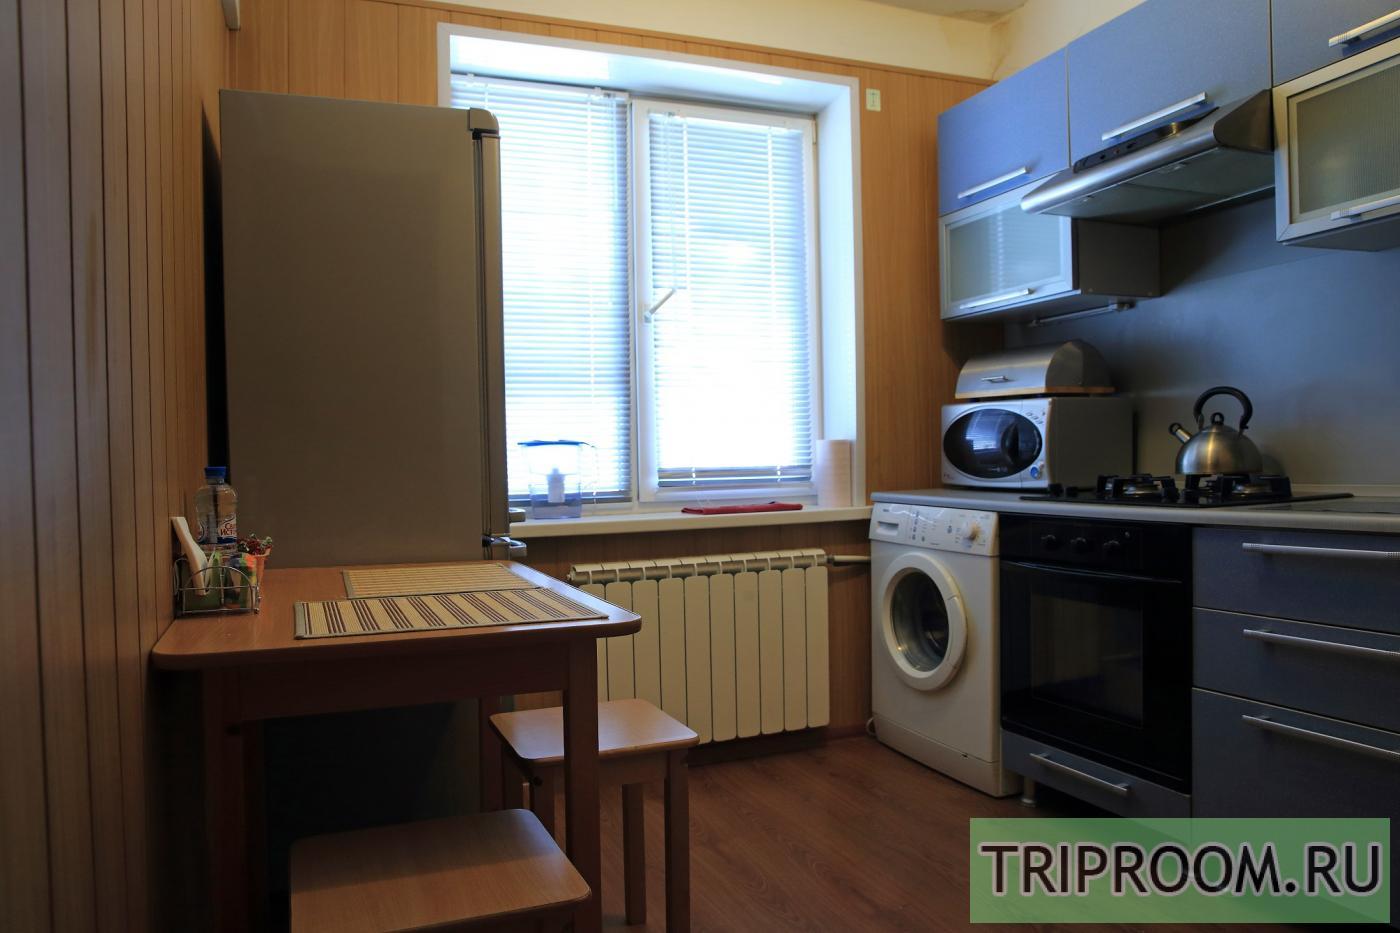 1-комнатная квартира посуточно (вариант № 17614), ул. Авиационный переулок, фото № 5